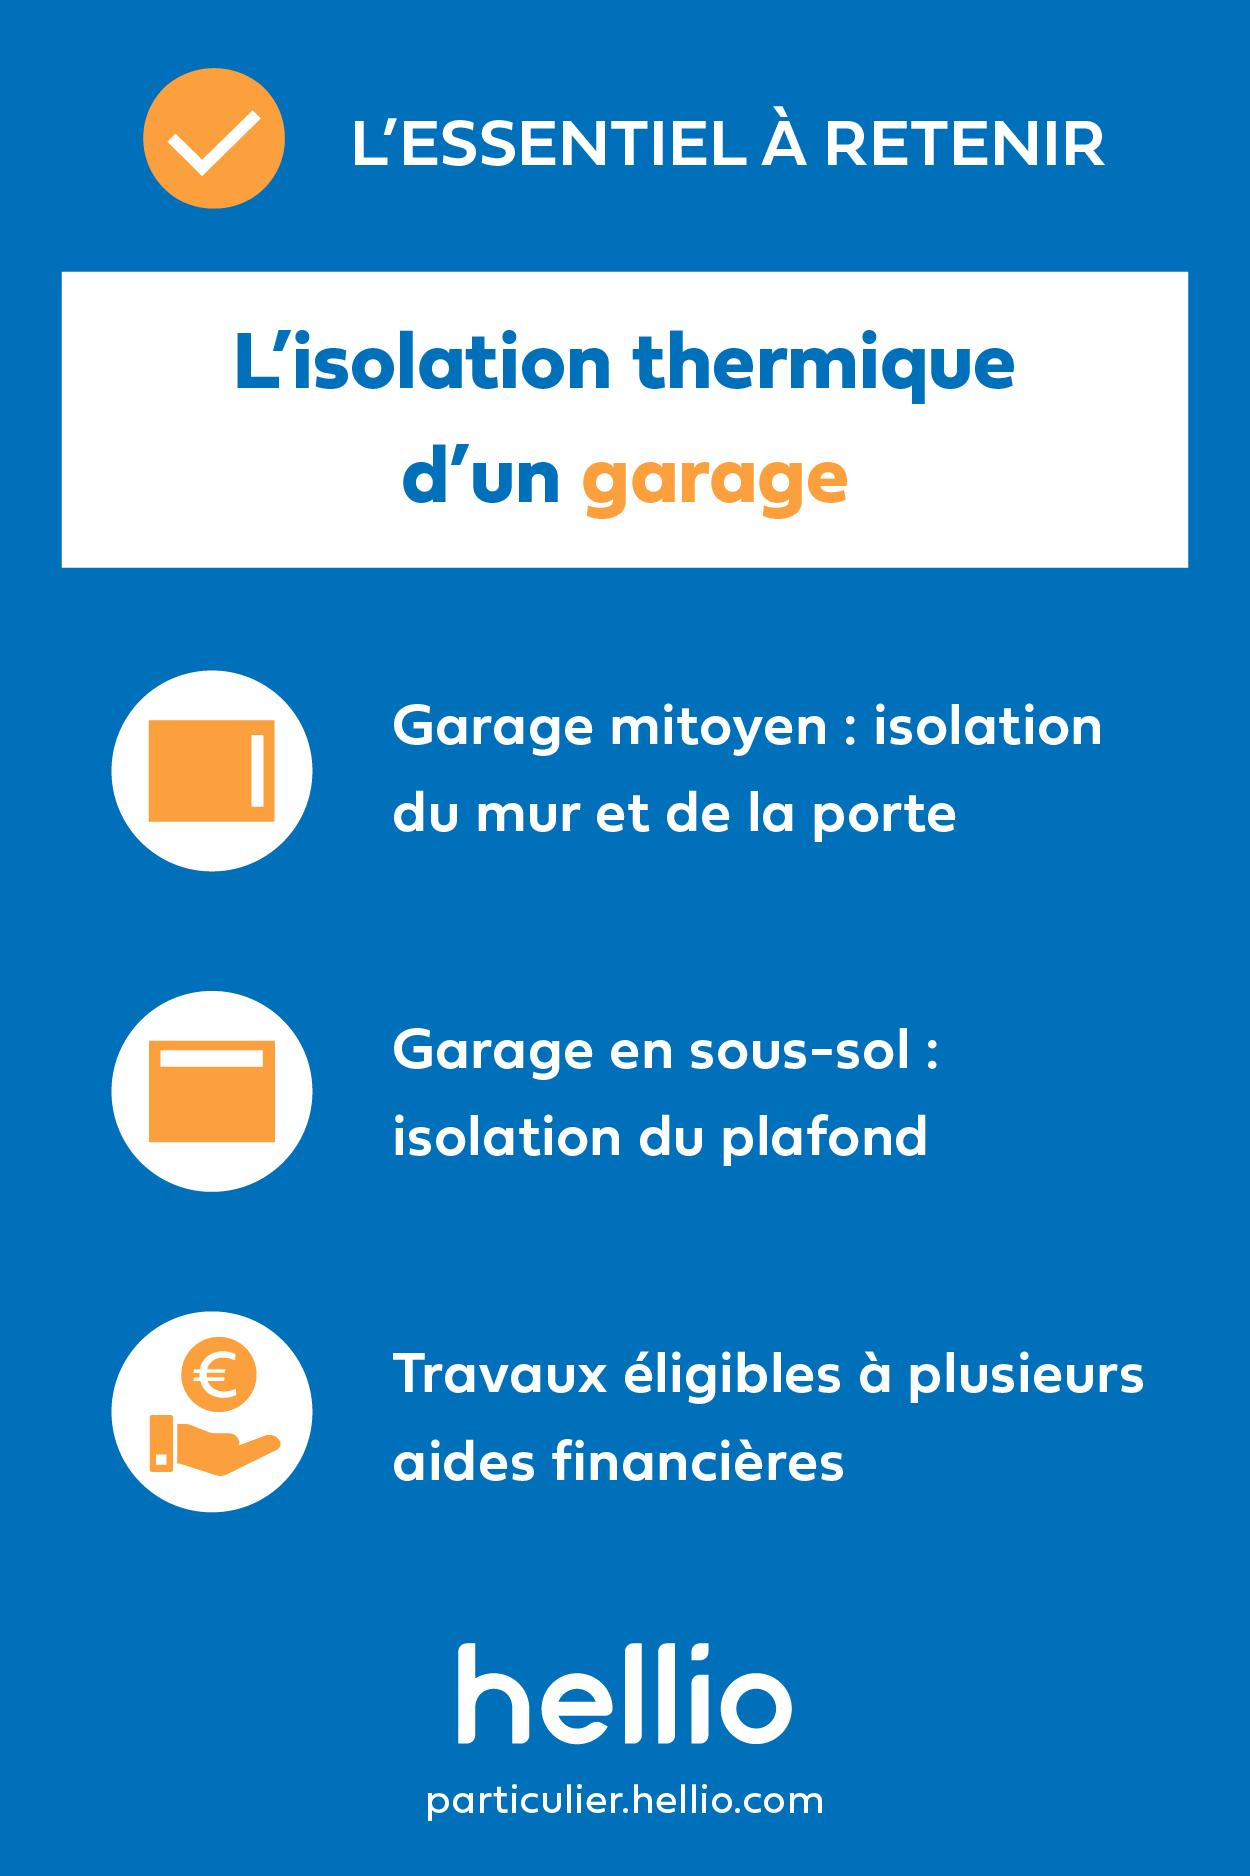 infographie-essentiel-retenir-hellio-particulier-isolation-garage